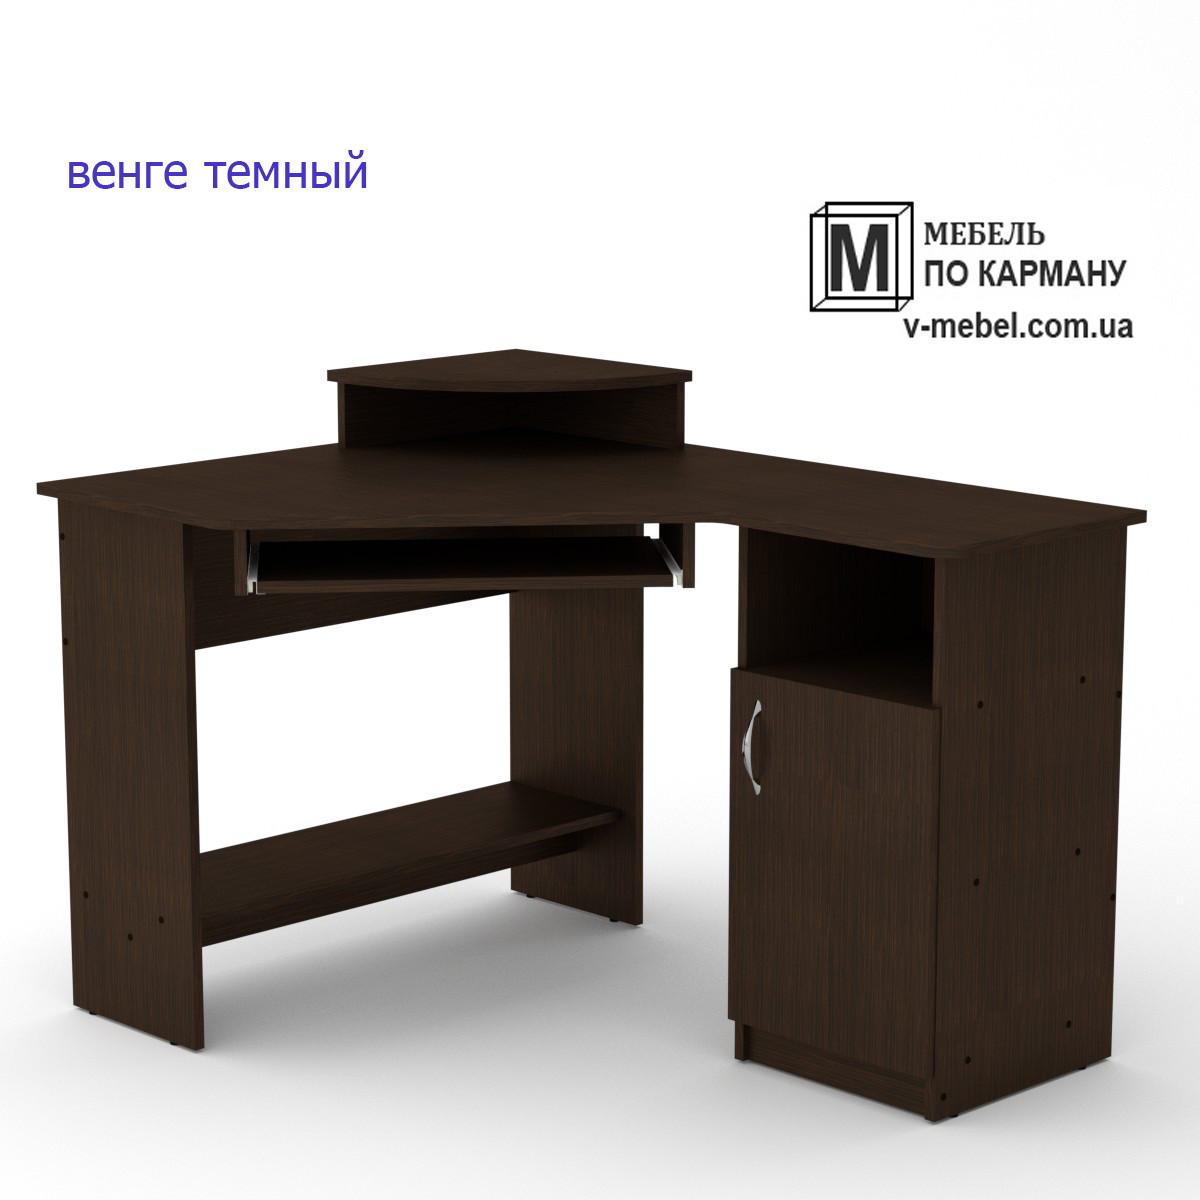 Стол компьютерный угловой правая тумба (СУ-1)